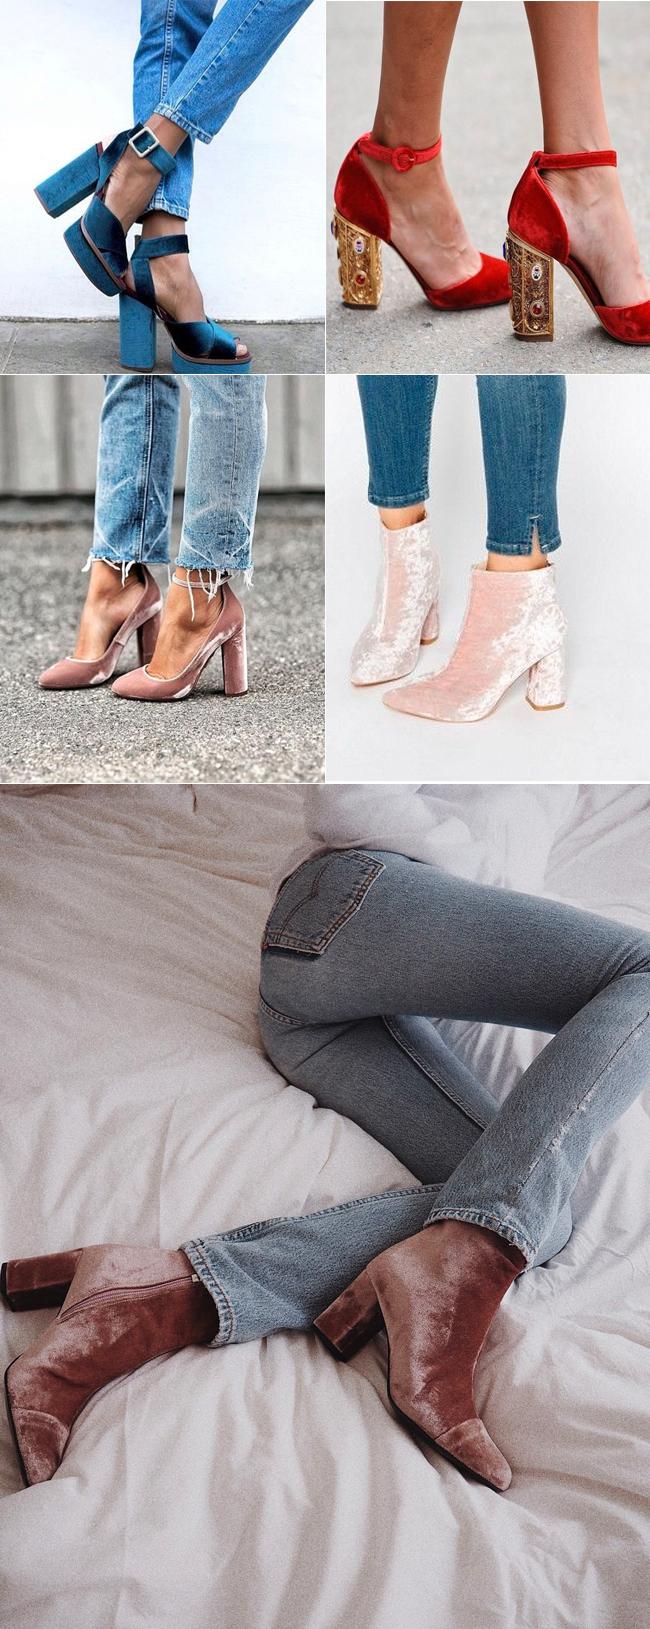 velvetshoes6